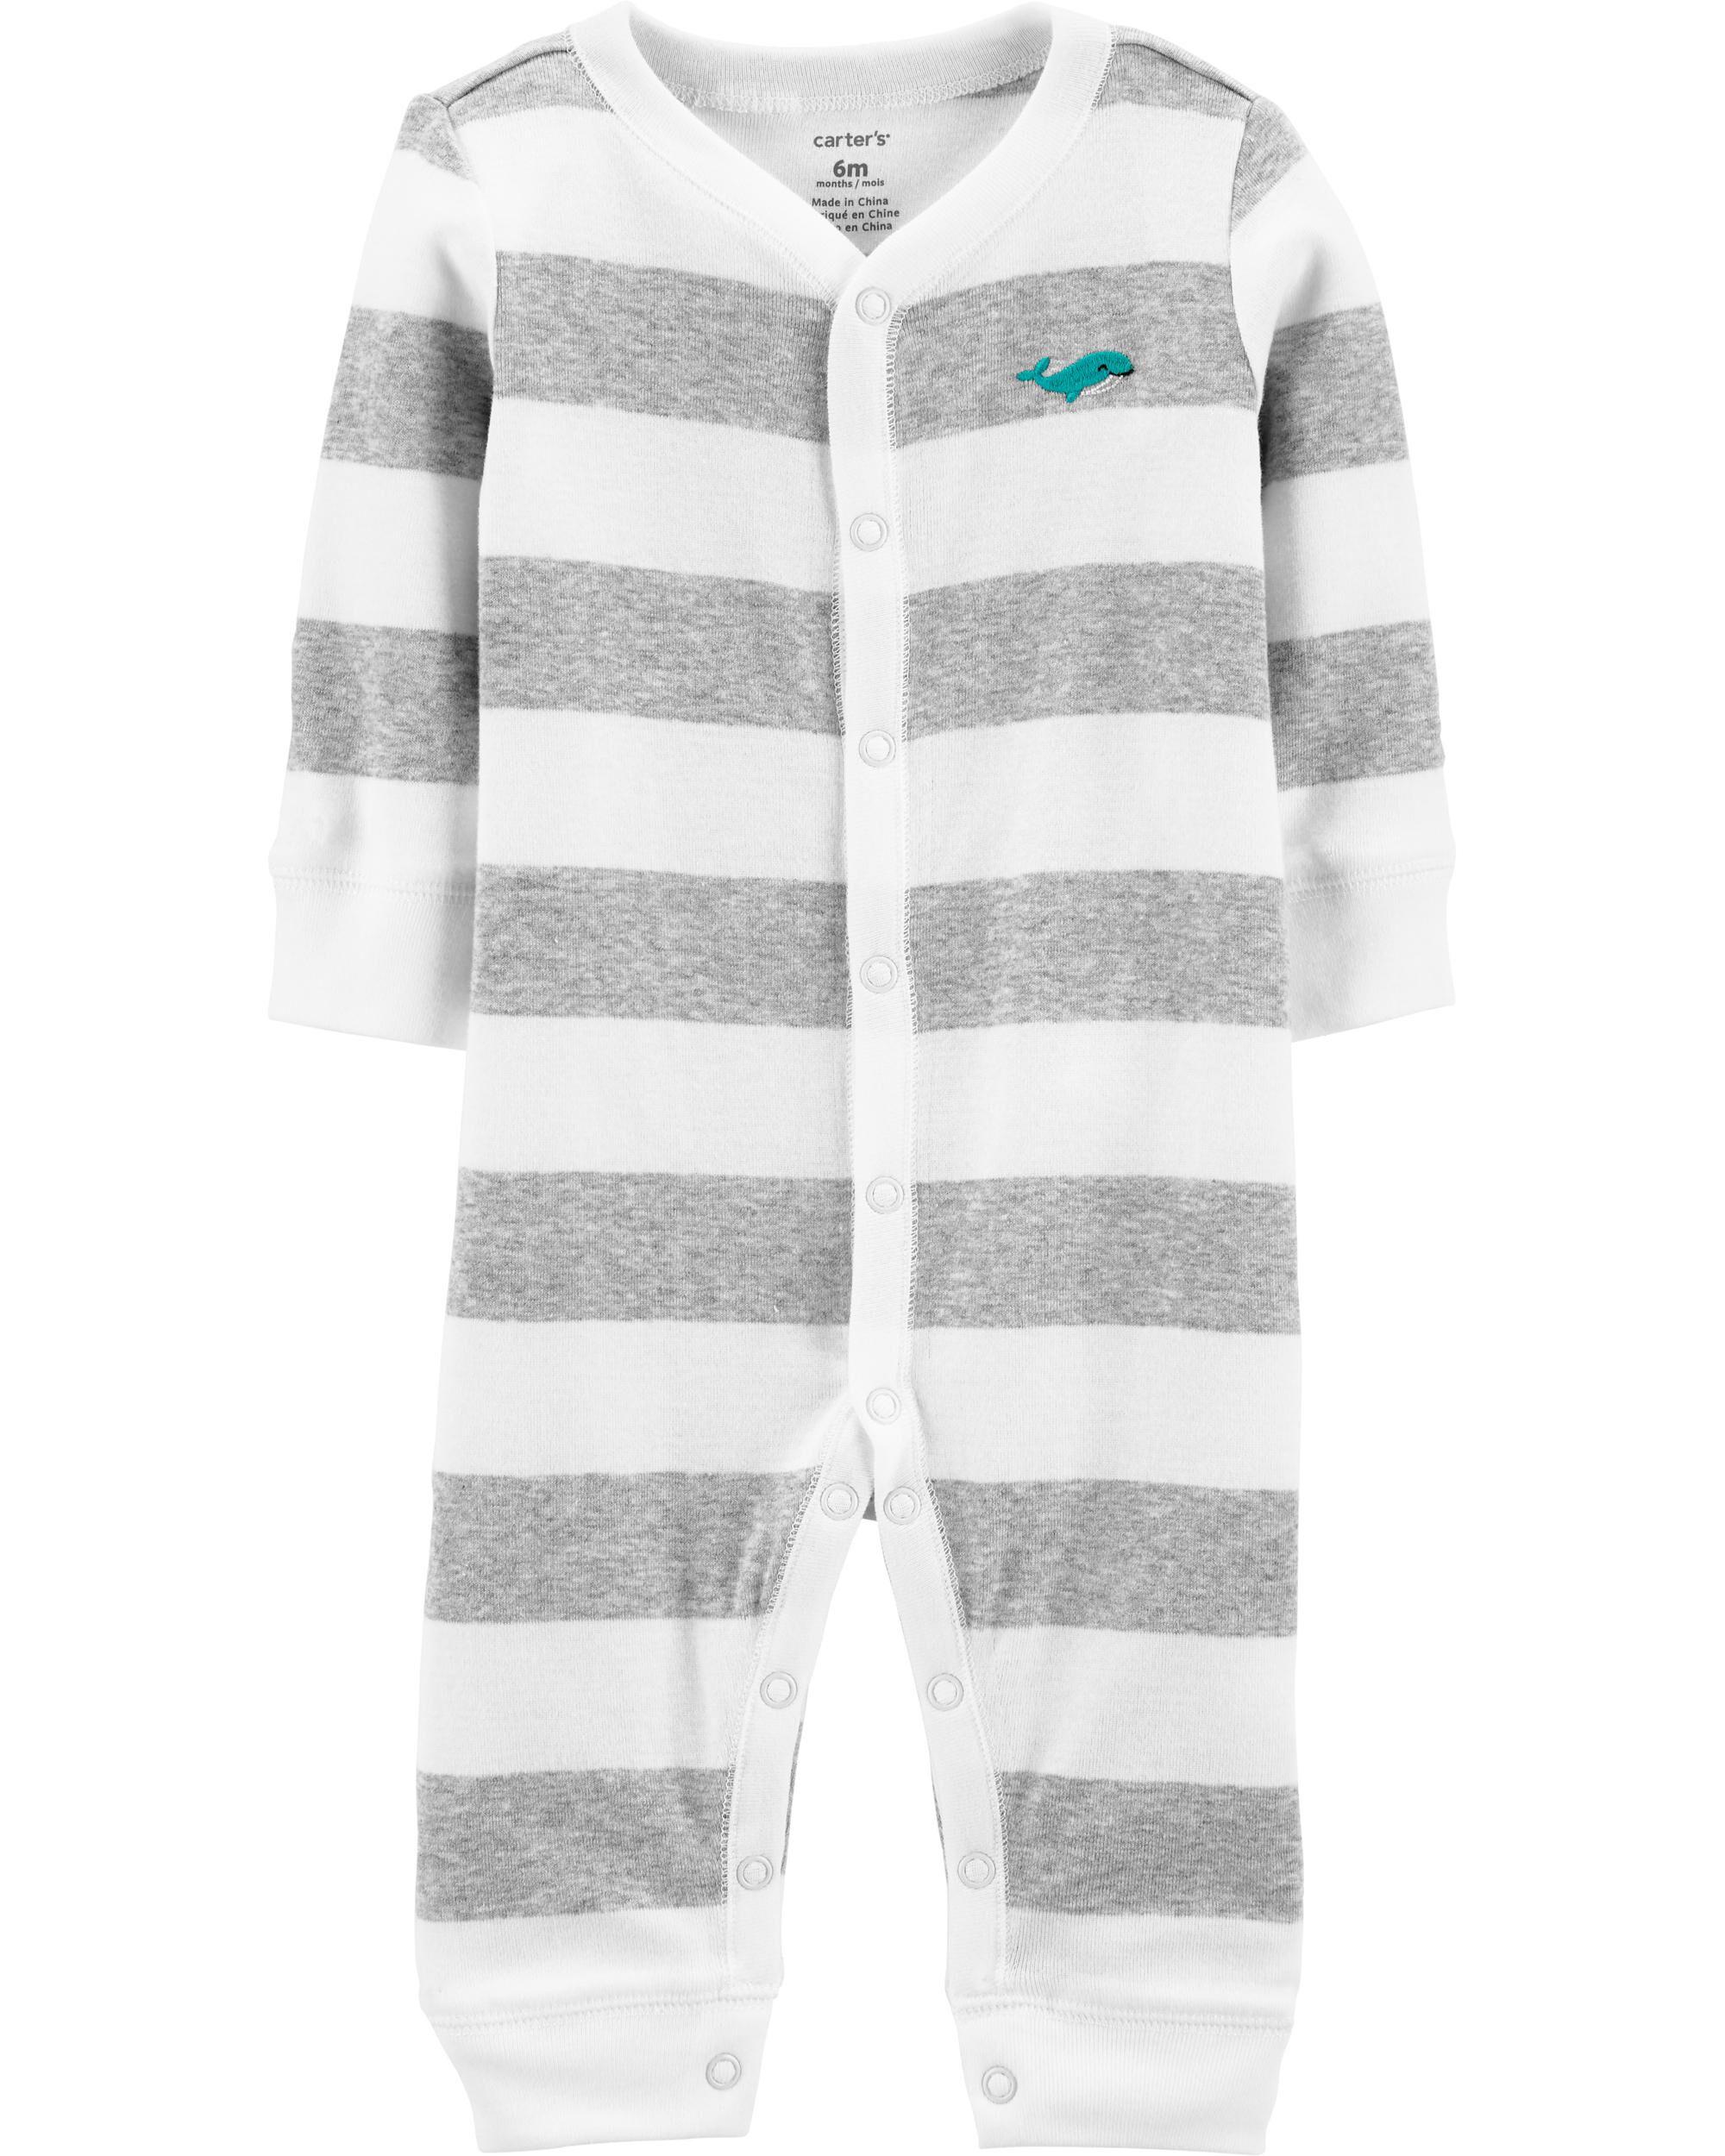 Carter/'s Little Boys Fleece Footed Sleepers Blue//Gray Striped w//Rocket